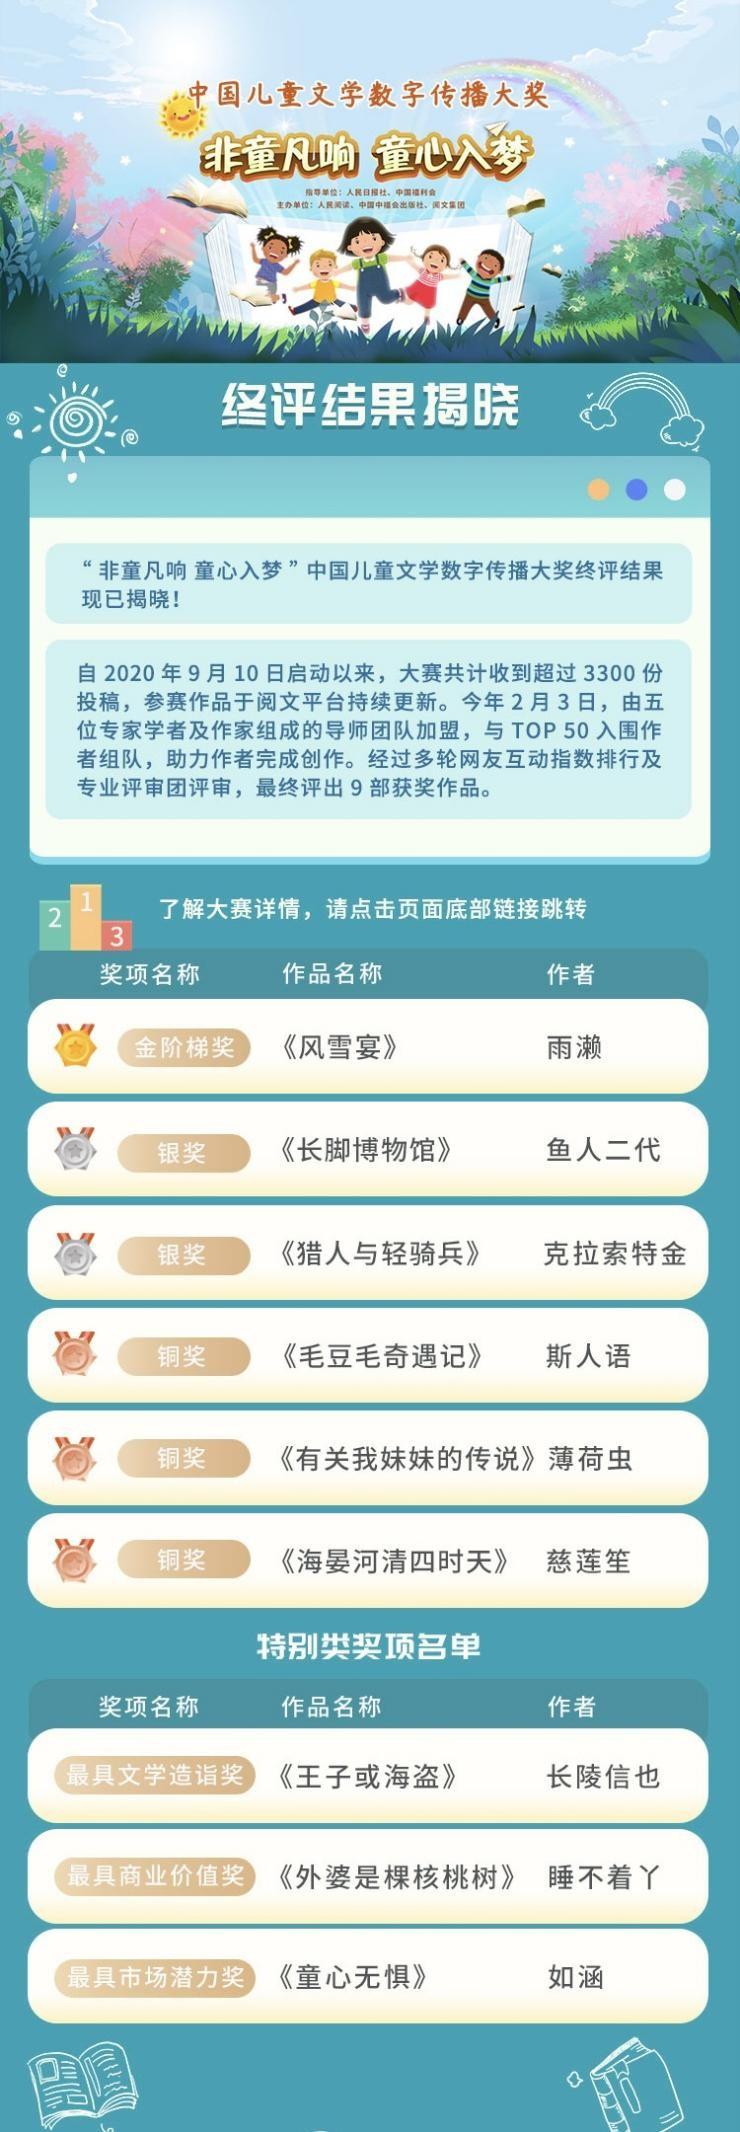 中国儿童文学数字传播大奖揭晓 未来将持续挖掘推广优秀作品